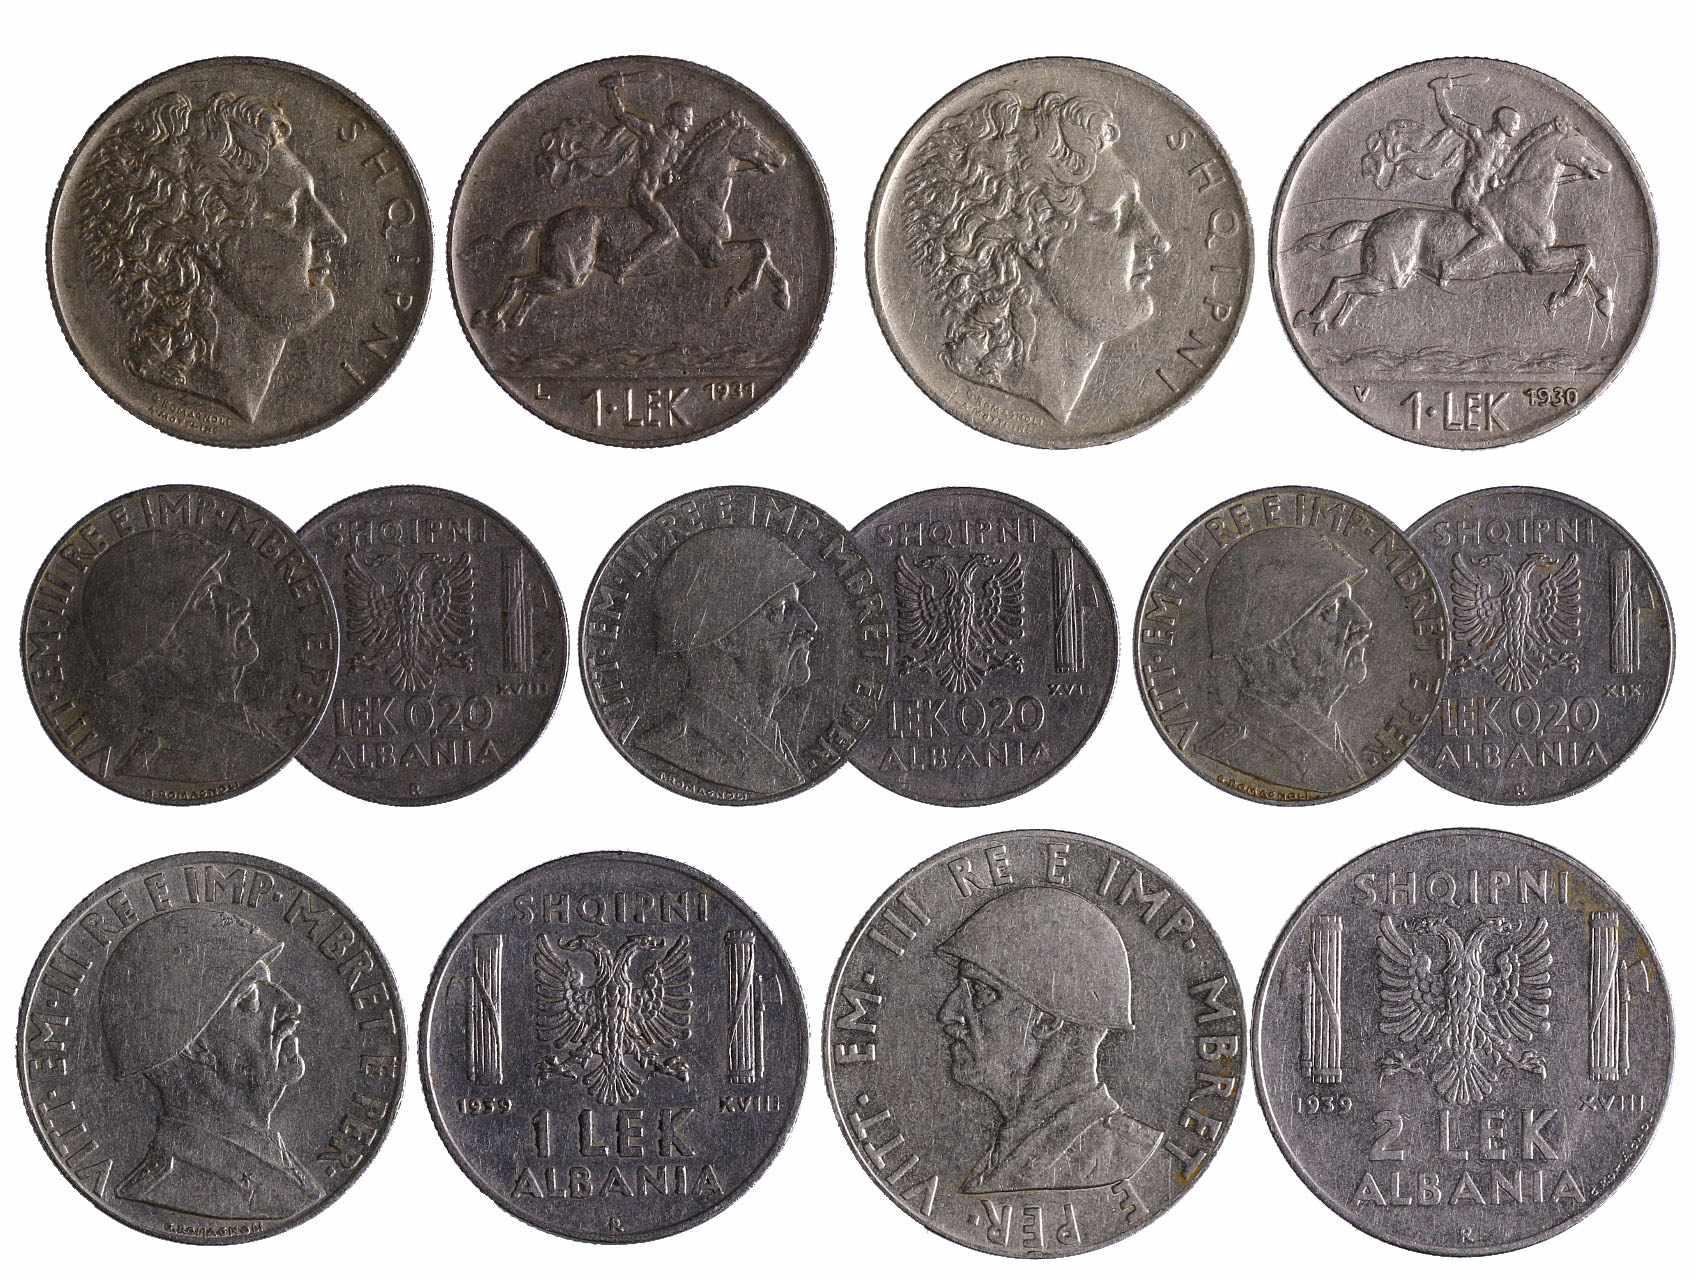 Albánie - 0,20 Lek 1939, 1940, 1941 a 1 Lek 1930, 1931, 1939 a 2 Lek 1939, celkem 7 ks.